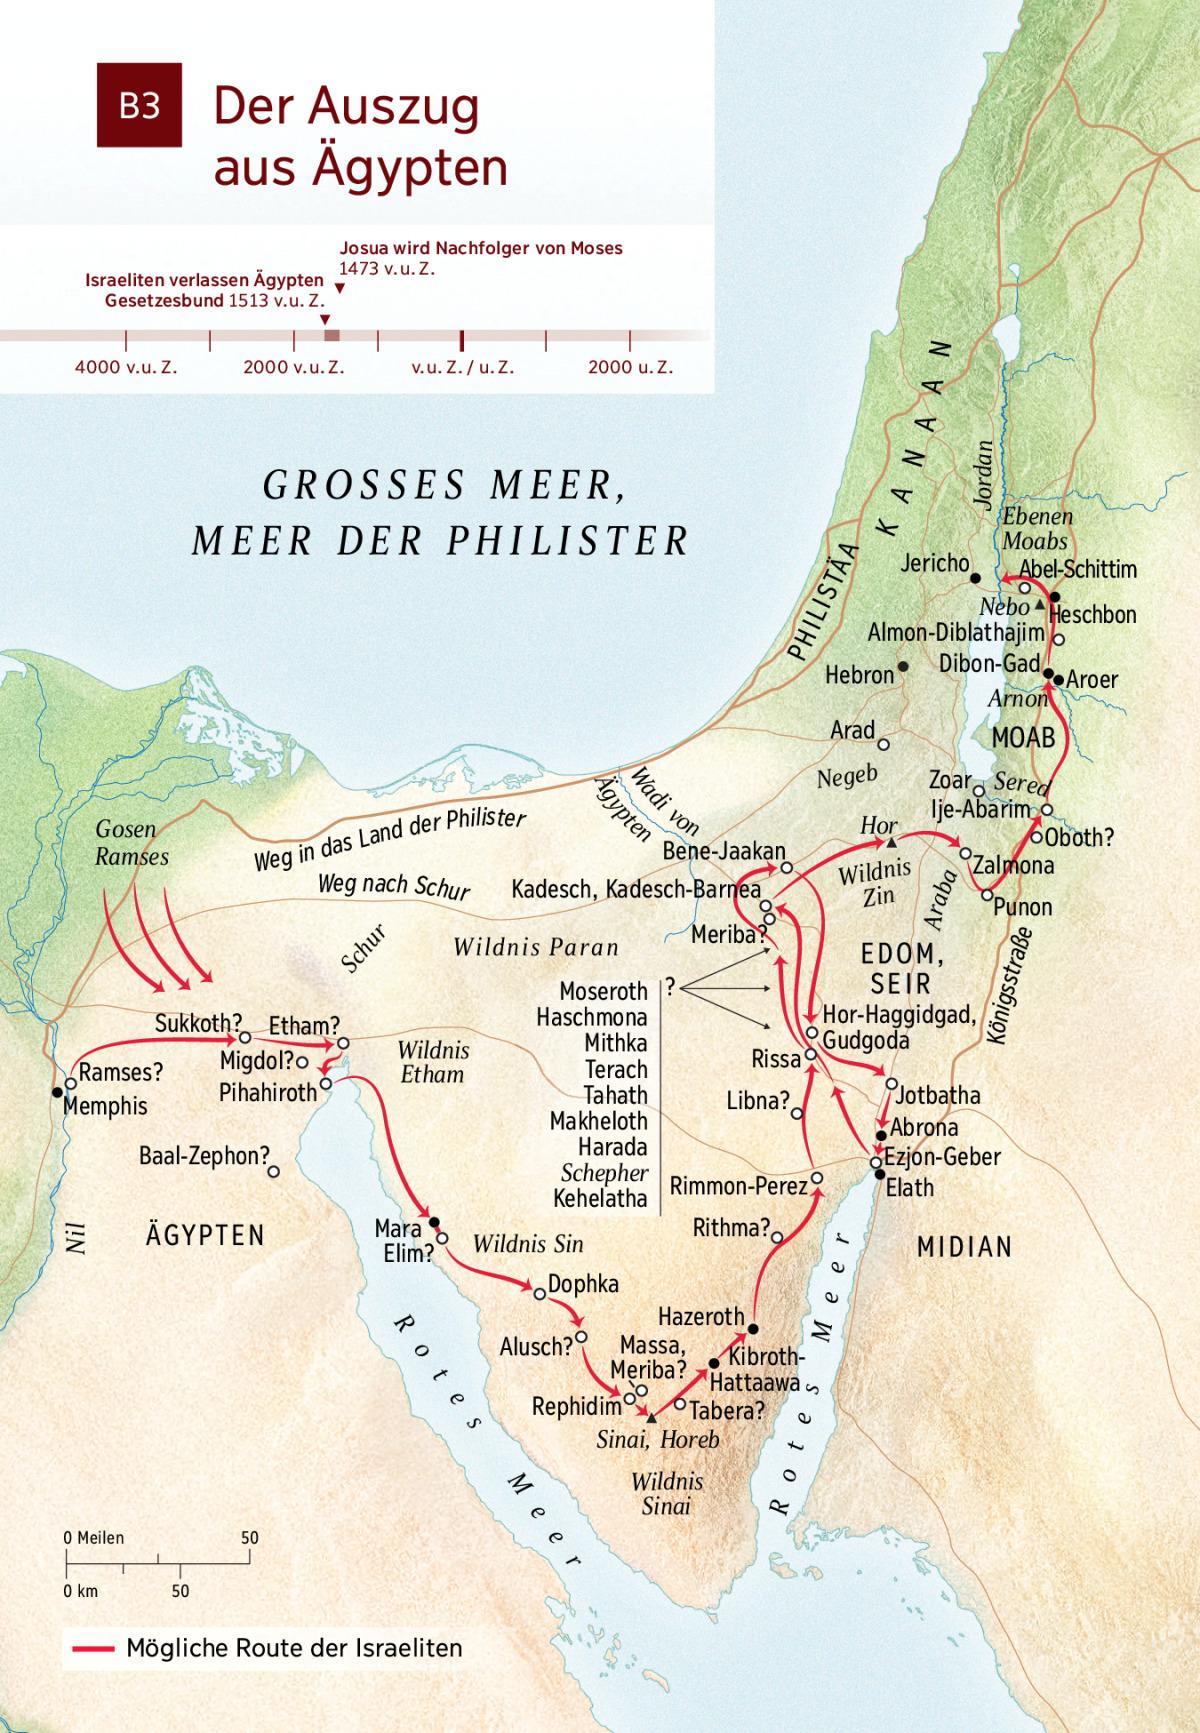 Karte Von ägypten.Karte Der Auszug Aus ägypten Nwt